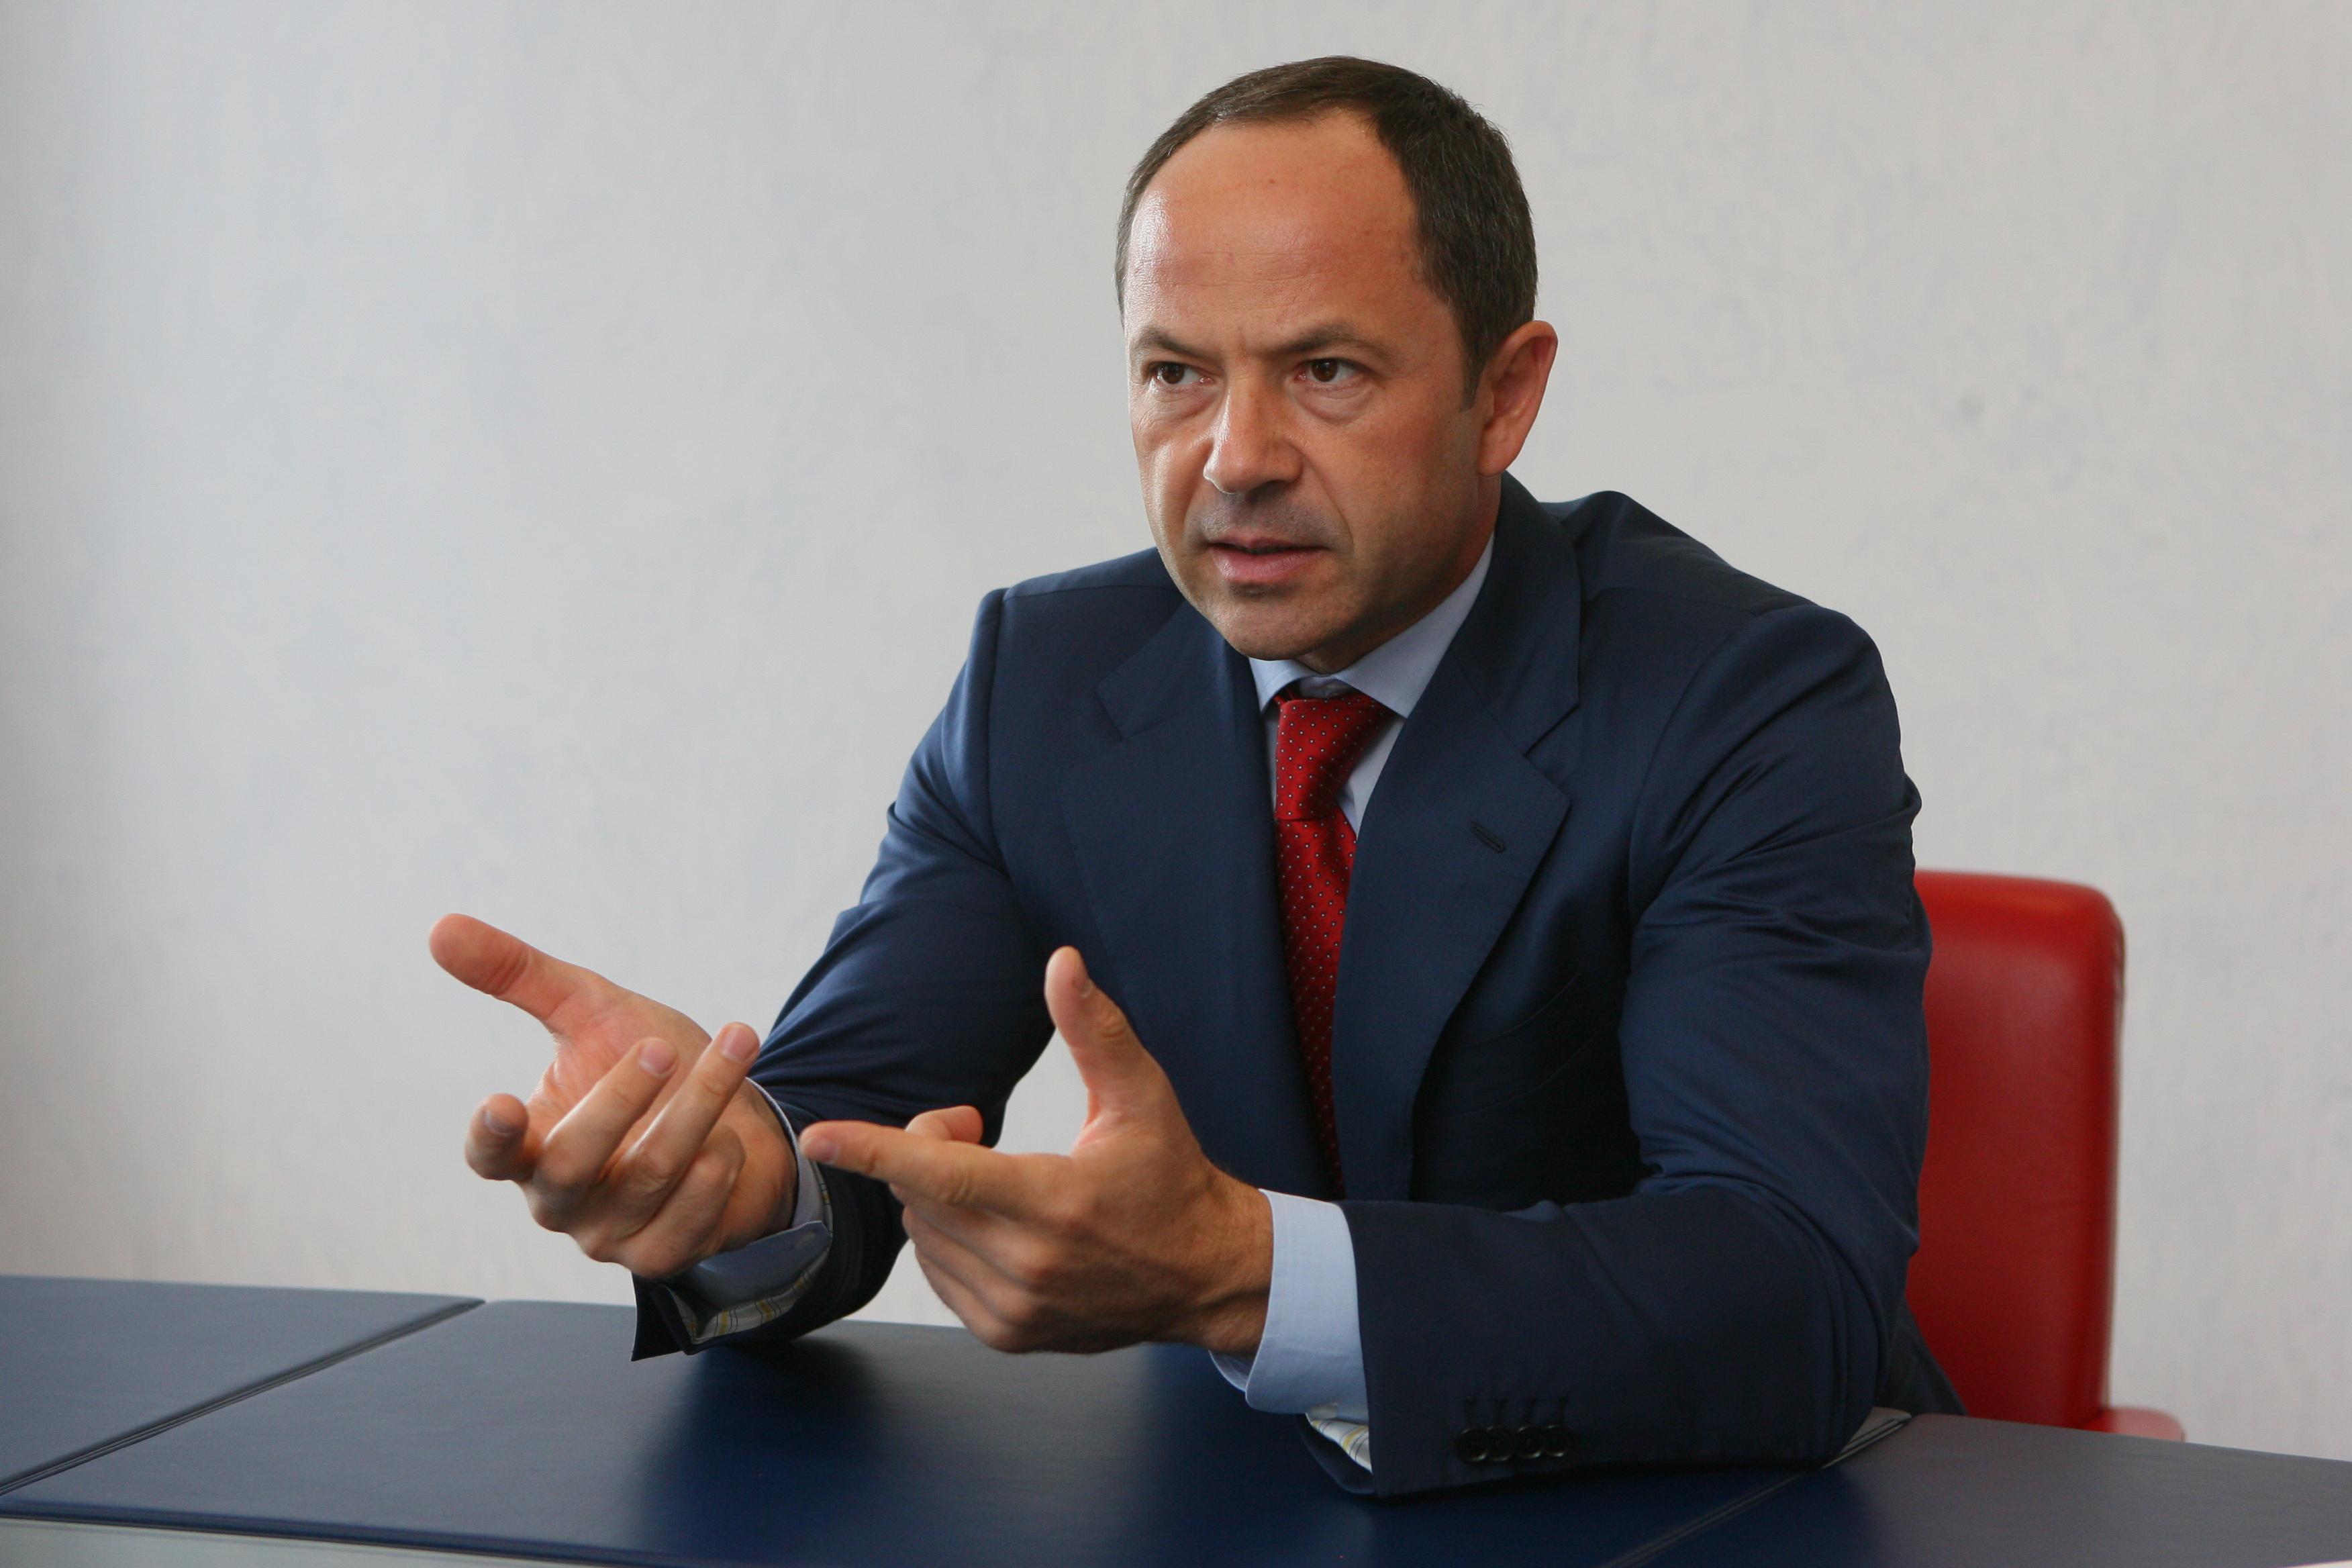 Тасинвестбанк Тигипко отмывает миллионы Фонда гарантирования вкладов физлиц